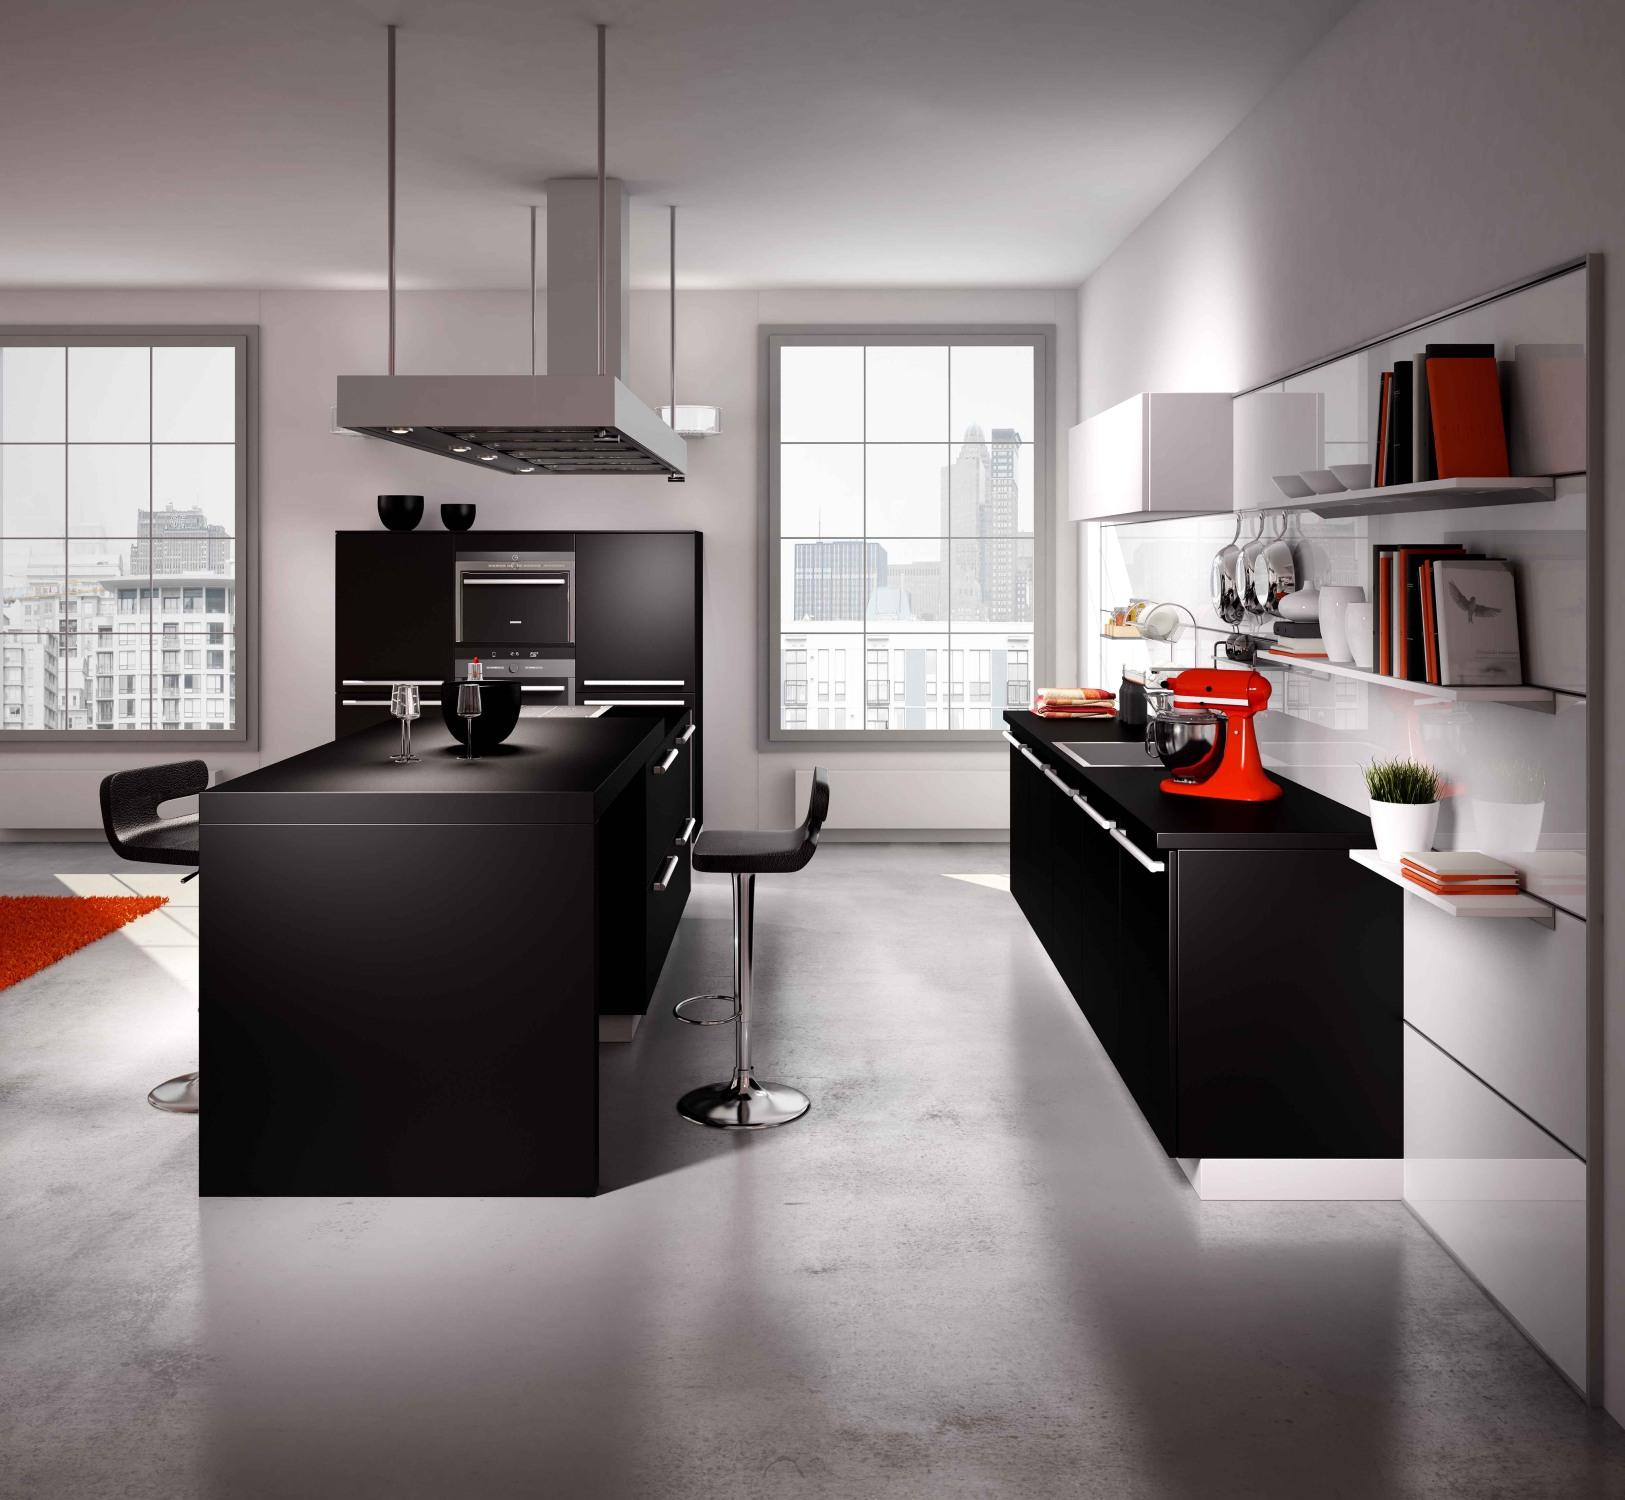 cuisine l 39 lot fait son show. Black Bedroom Furniture Sets. Home Design Ideas